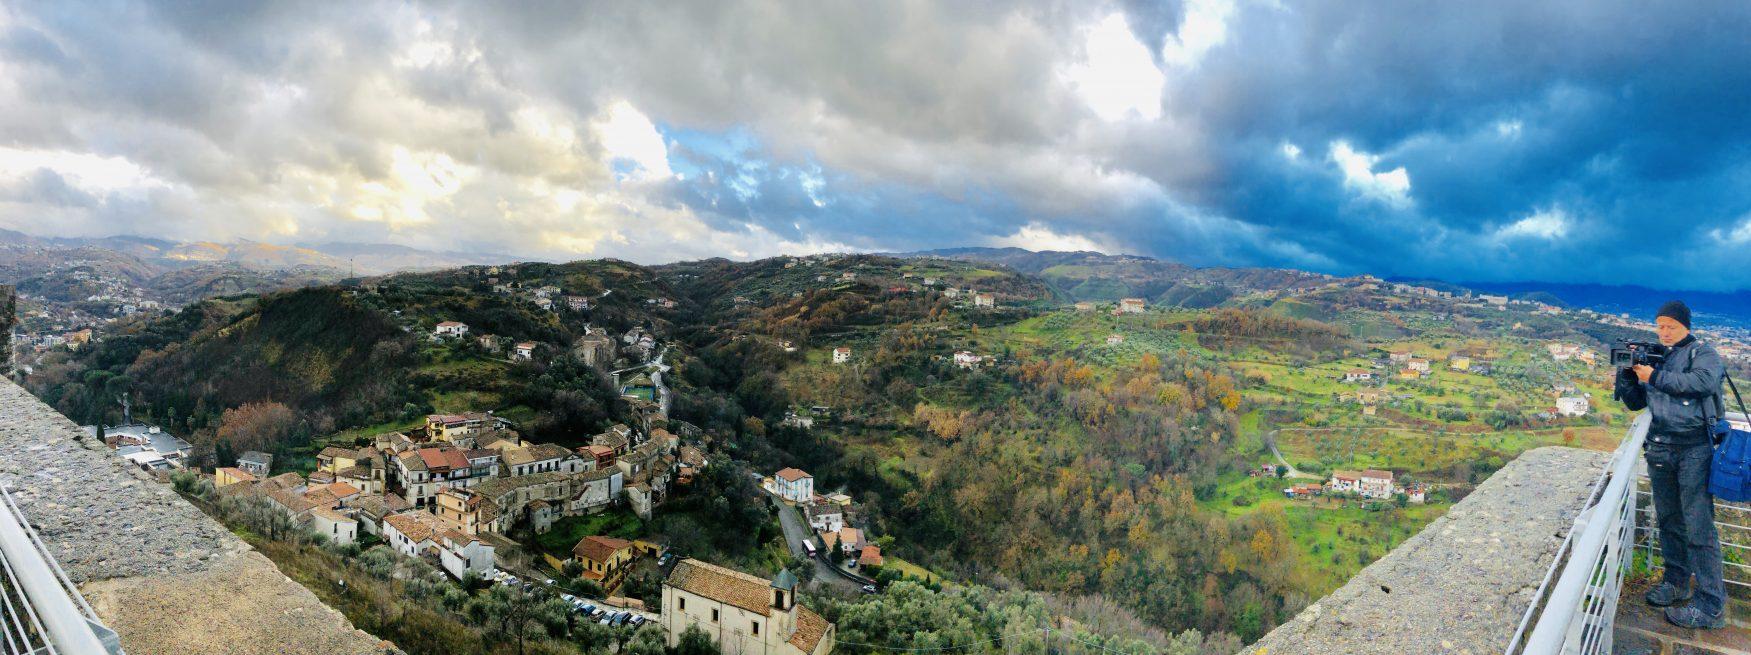 Terrasse des Schlosses bietet den besten Rundblick auf Cosenza